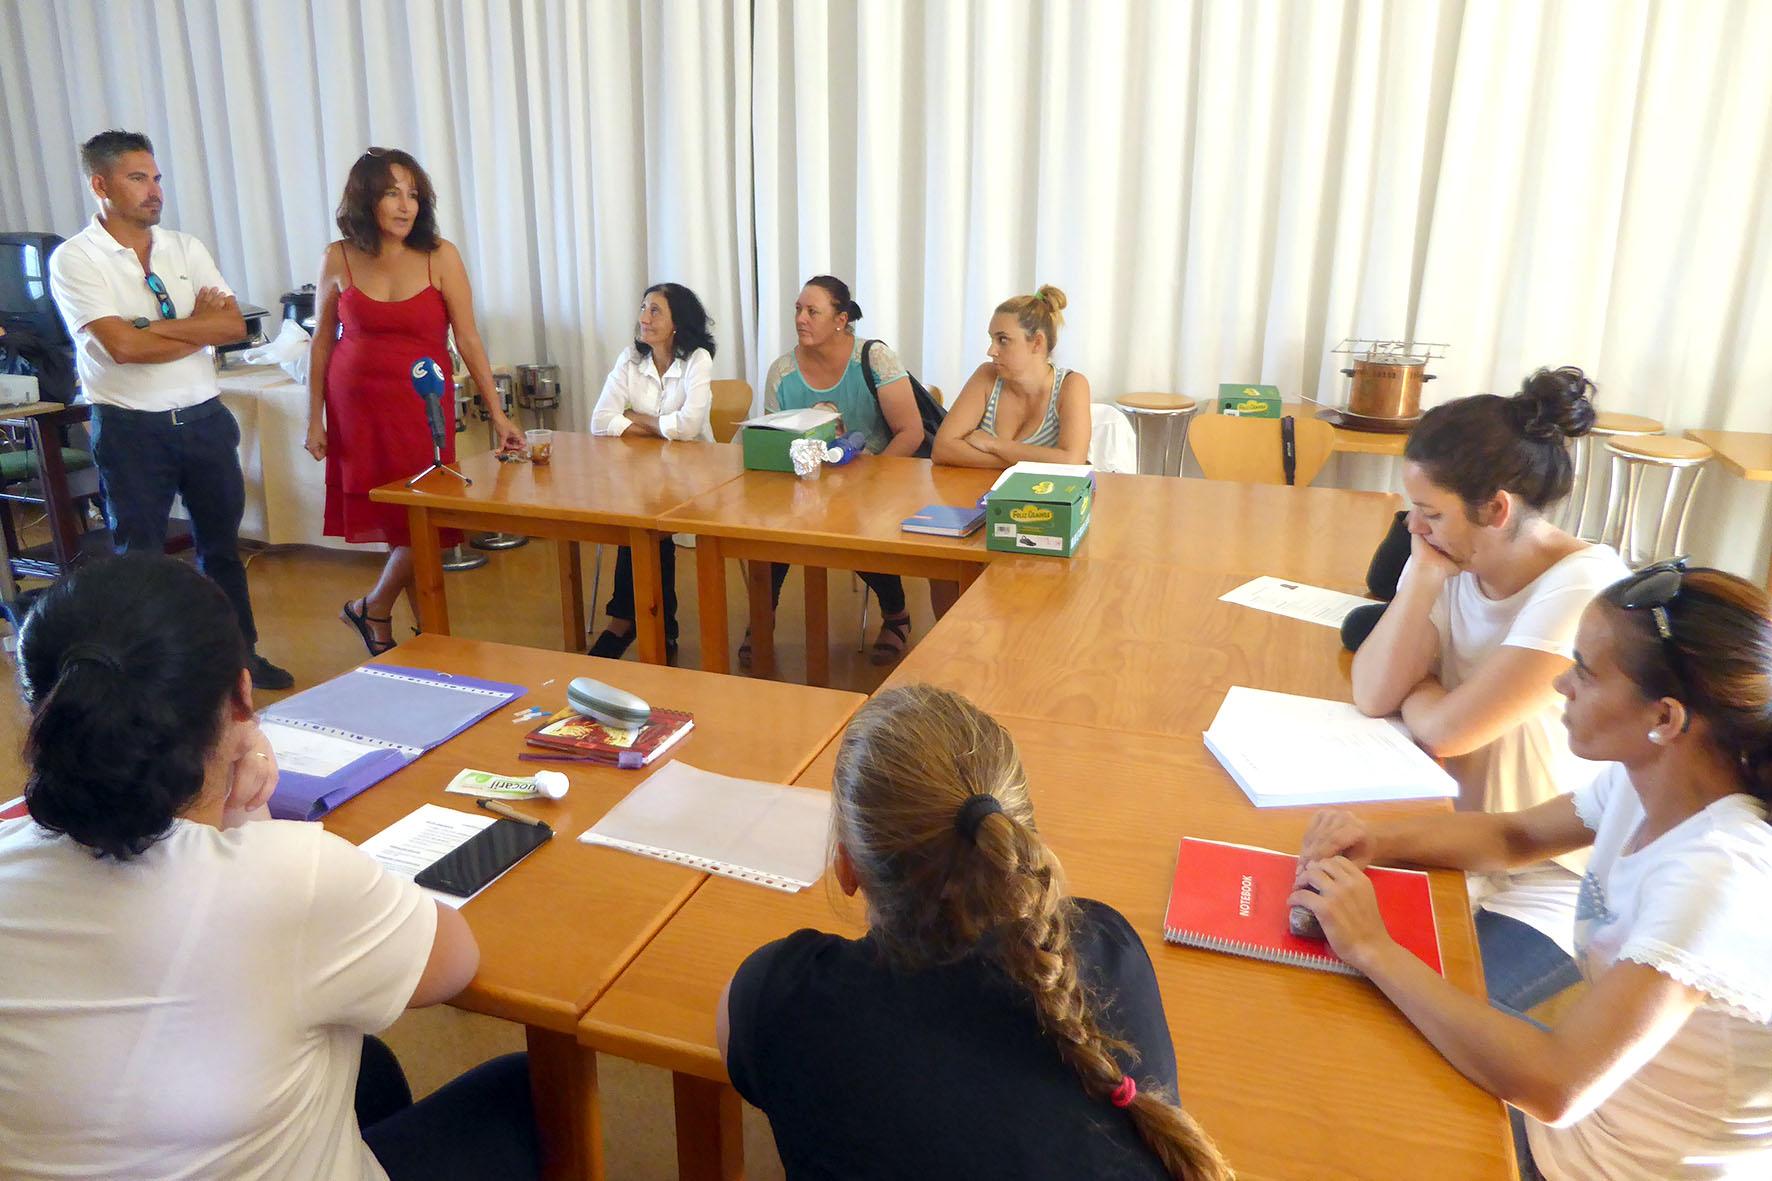 Diez mujeres participan en el curso de pinche de cocina - Test pinche de cocina ...